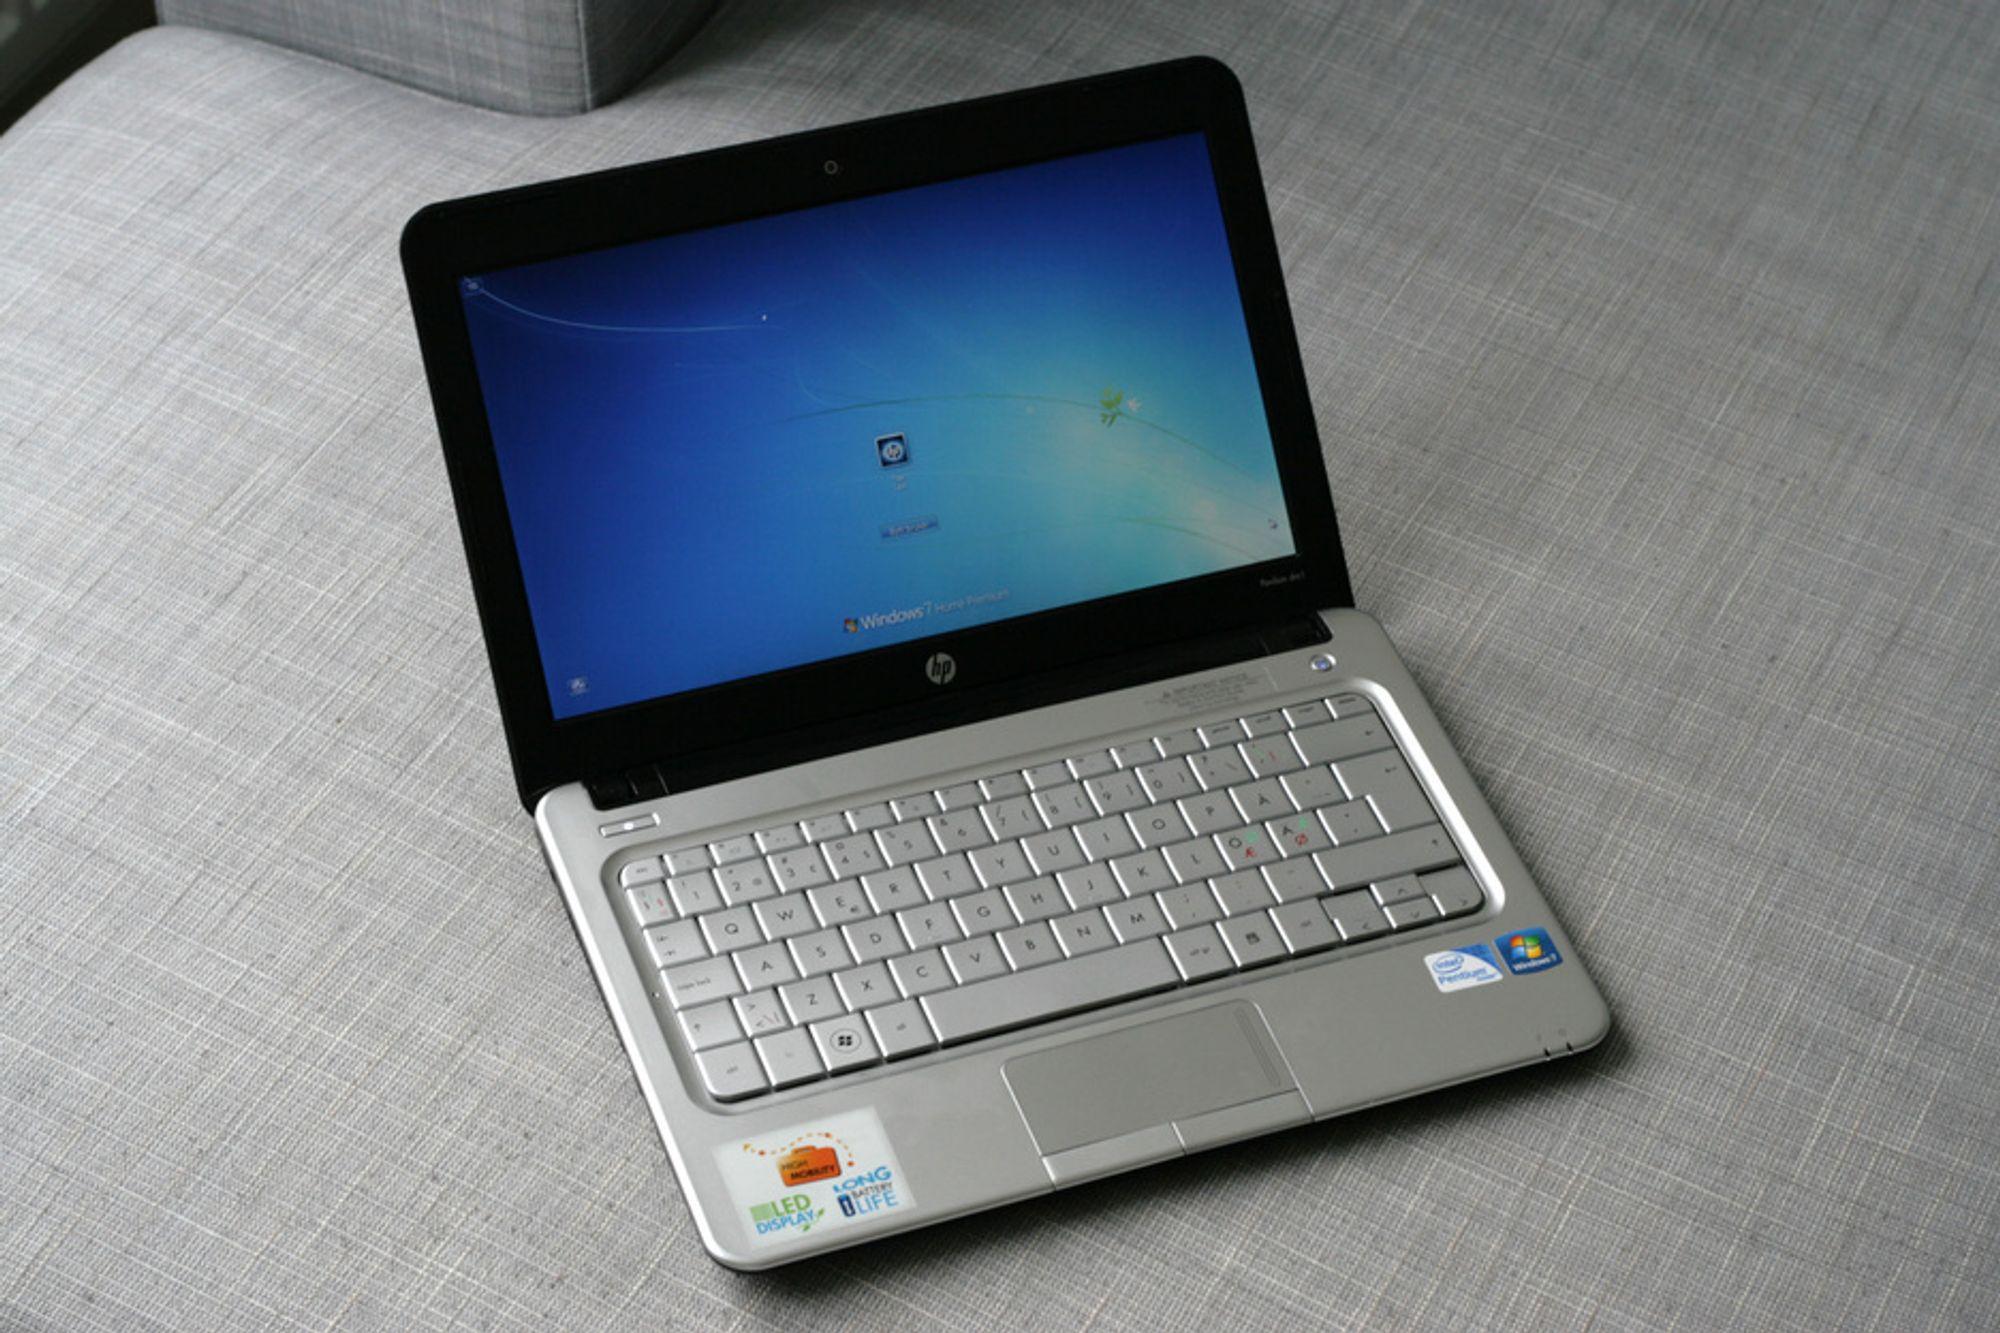 HP er fortsatt den største leverandøren av PC-er i verden. Her modellen Pavilion dm1, som vi var veldig fornøyde med i vår test.